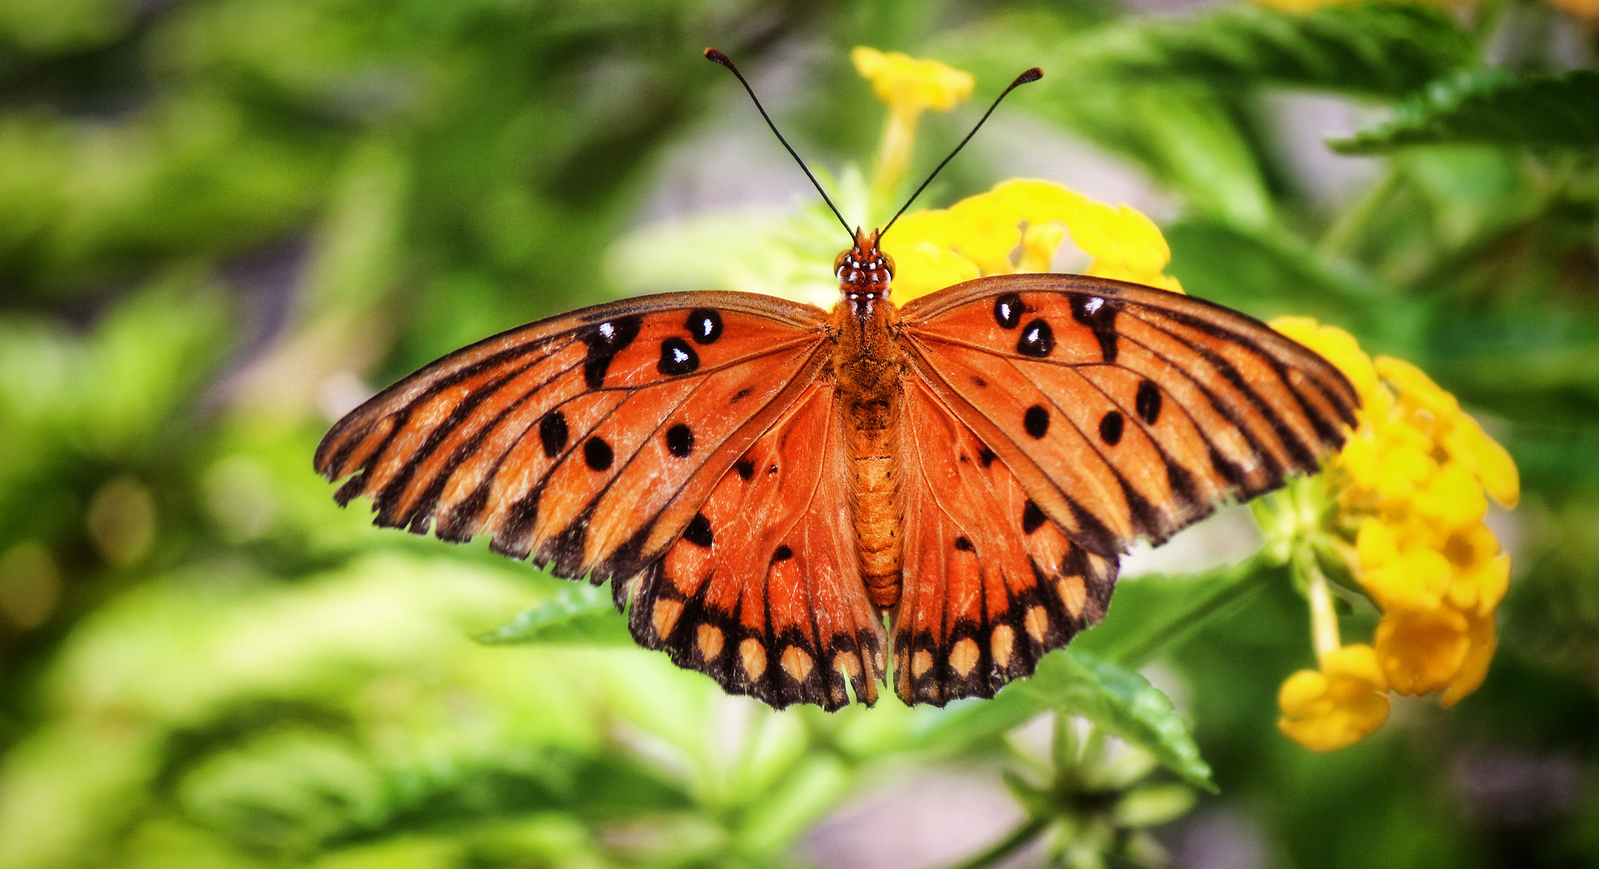 Orange Butterfly Wings Spread